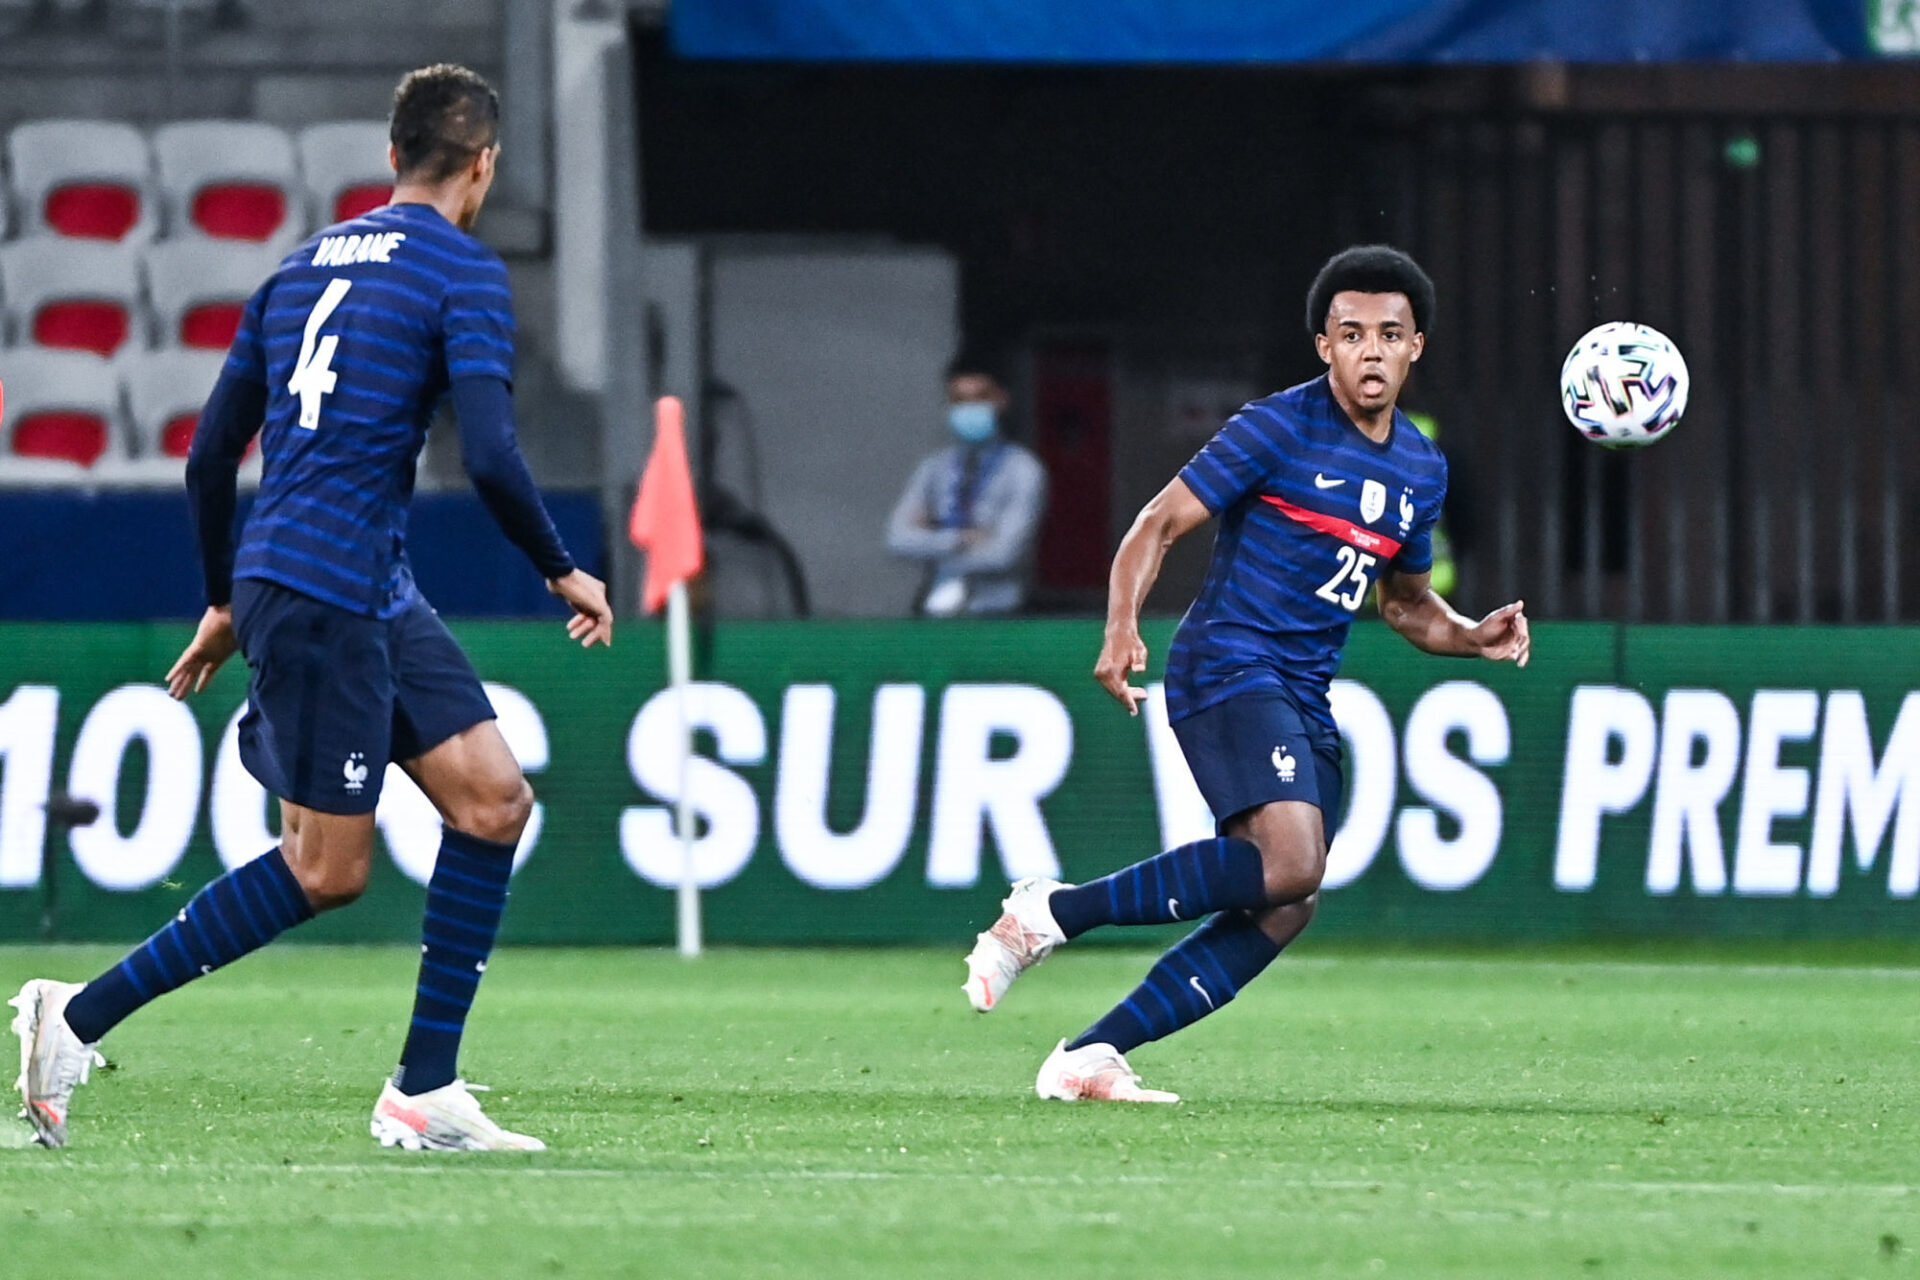 Raphaël Varane et Jules Koundé manquent logiquement de repères dans un système à trois défenseurs, qu'ils ne maîtrisent pas encore. Icon Sport